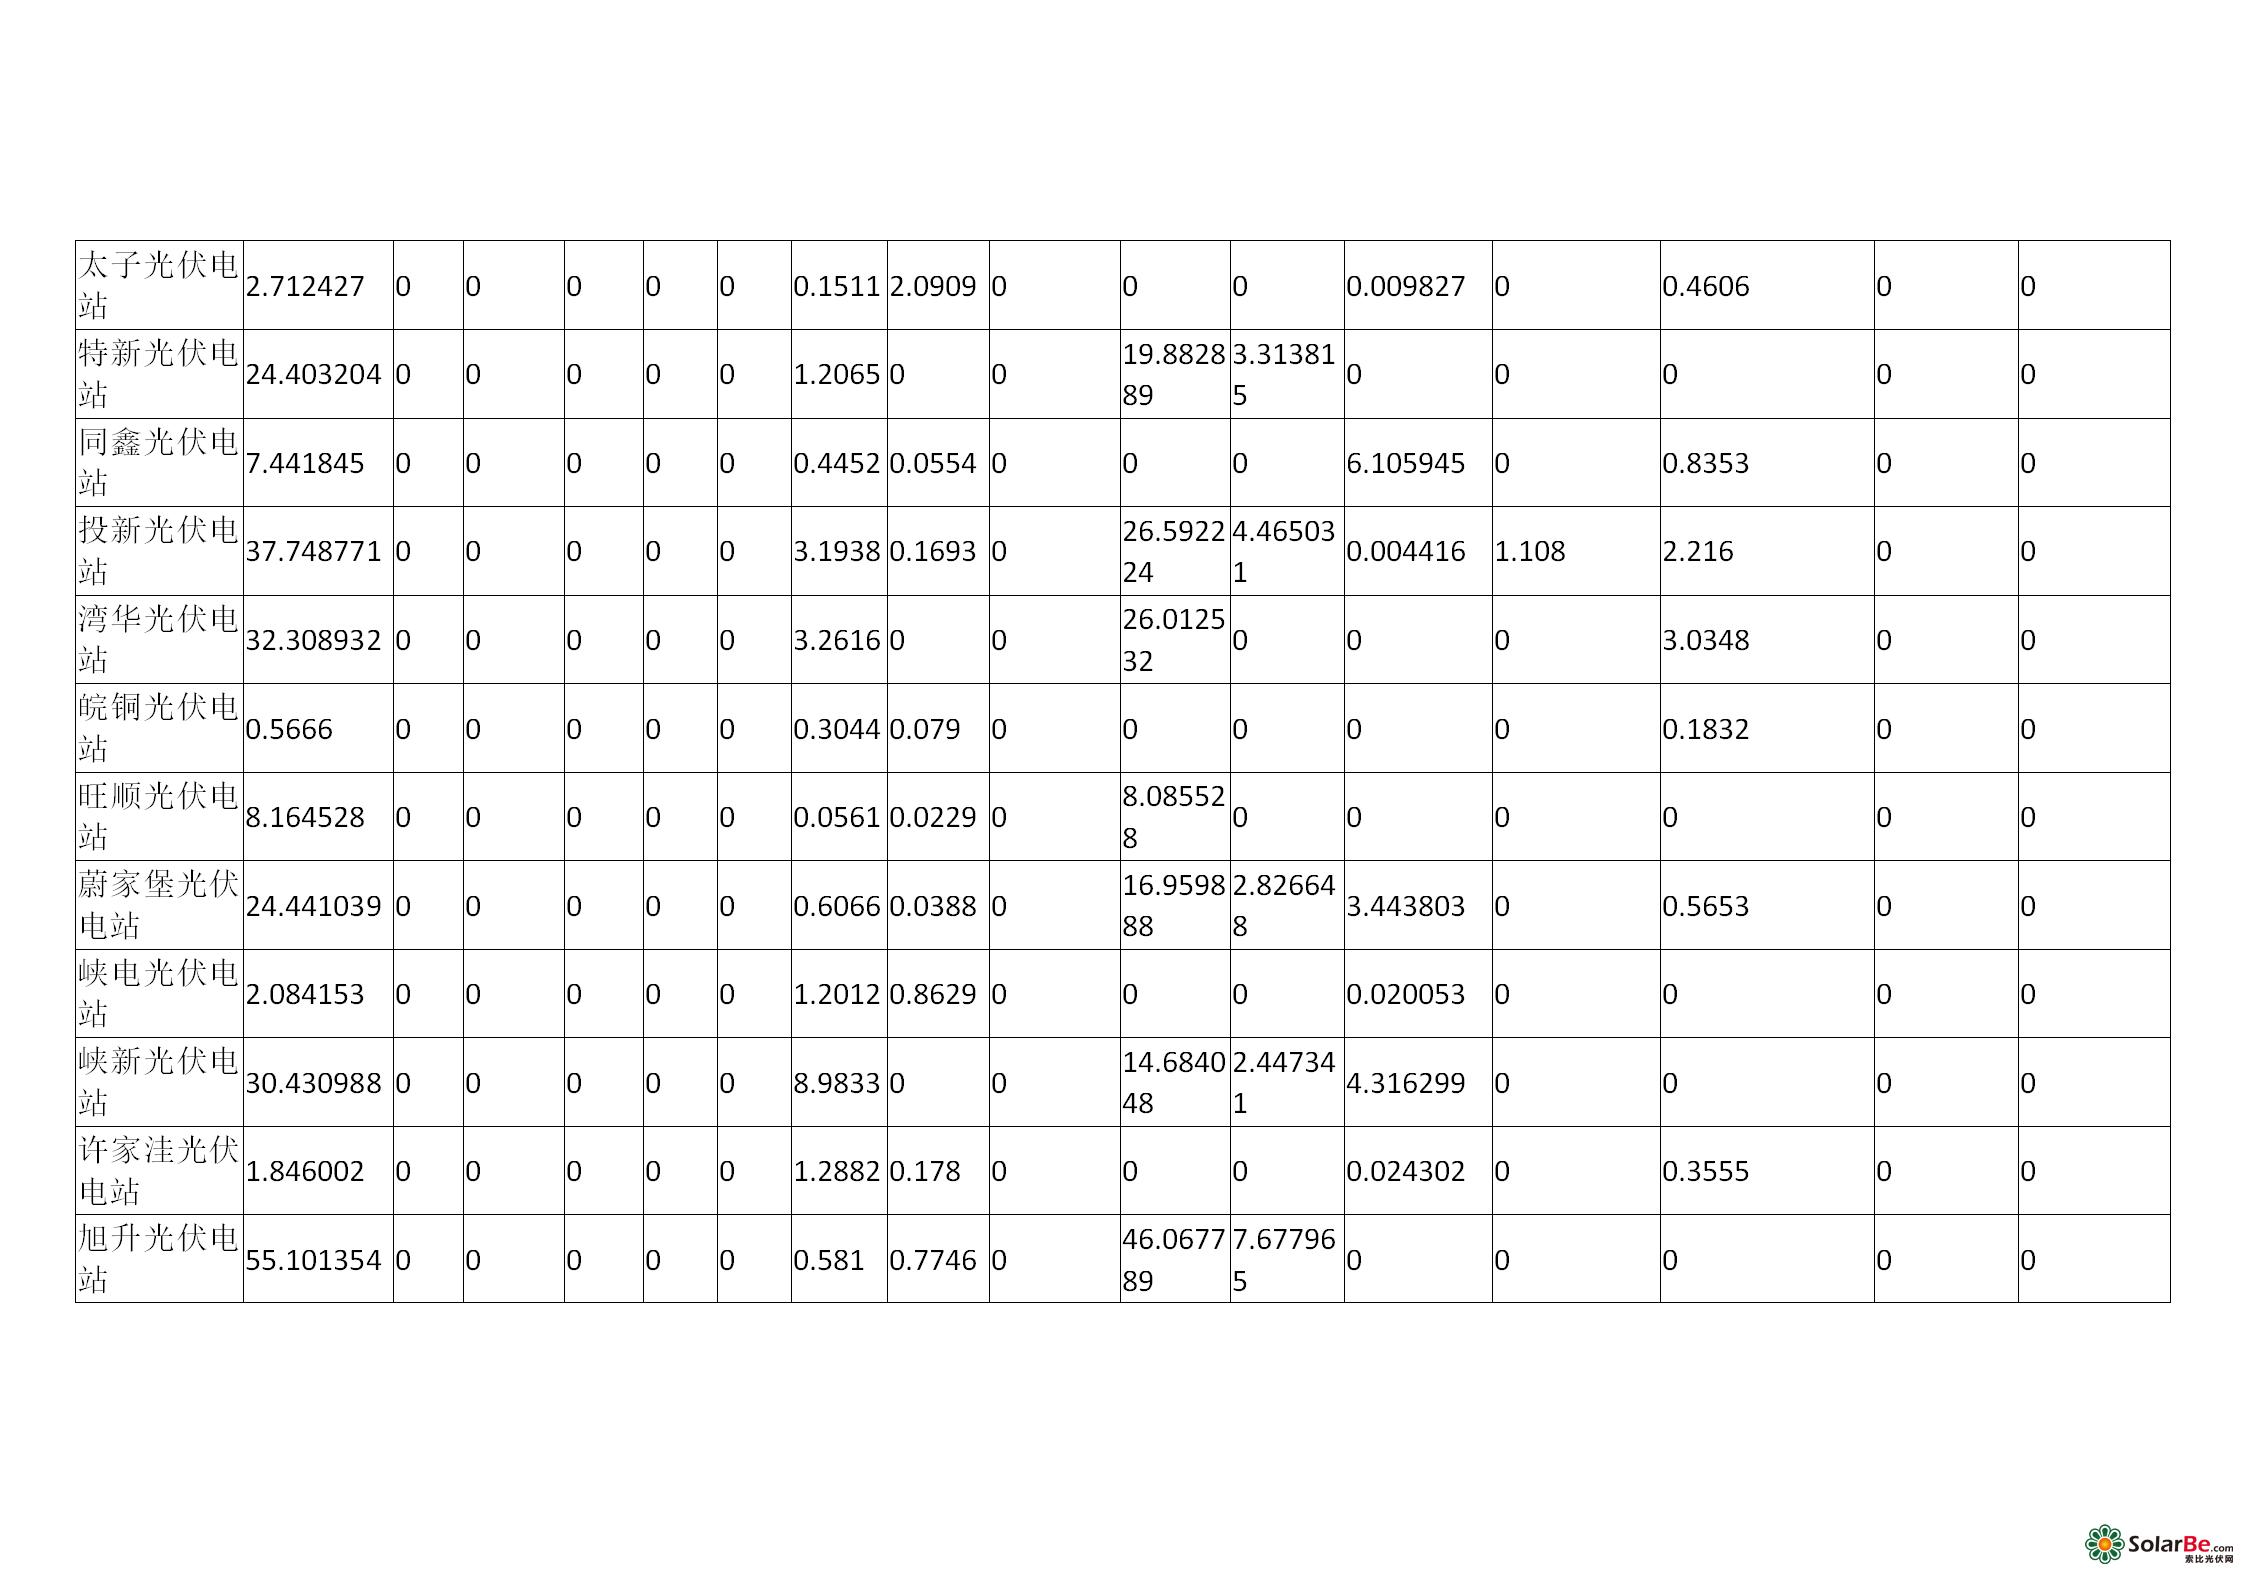 山西电网光伏电站并网运行考核统计表_08.png